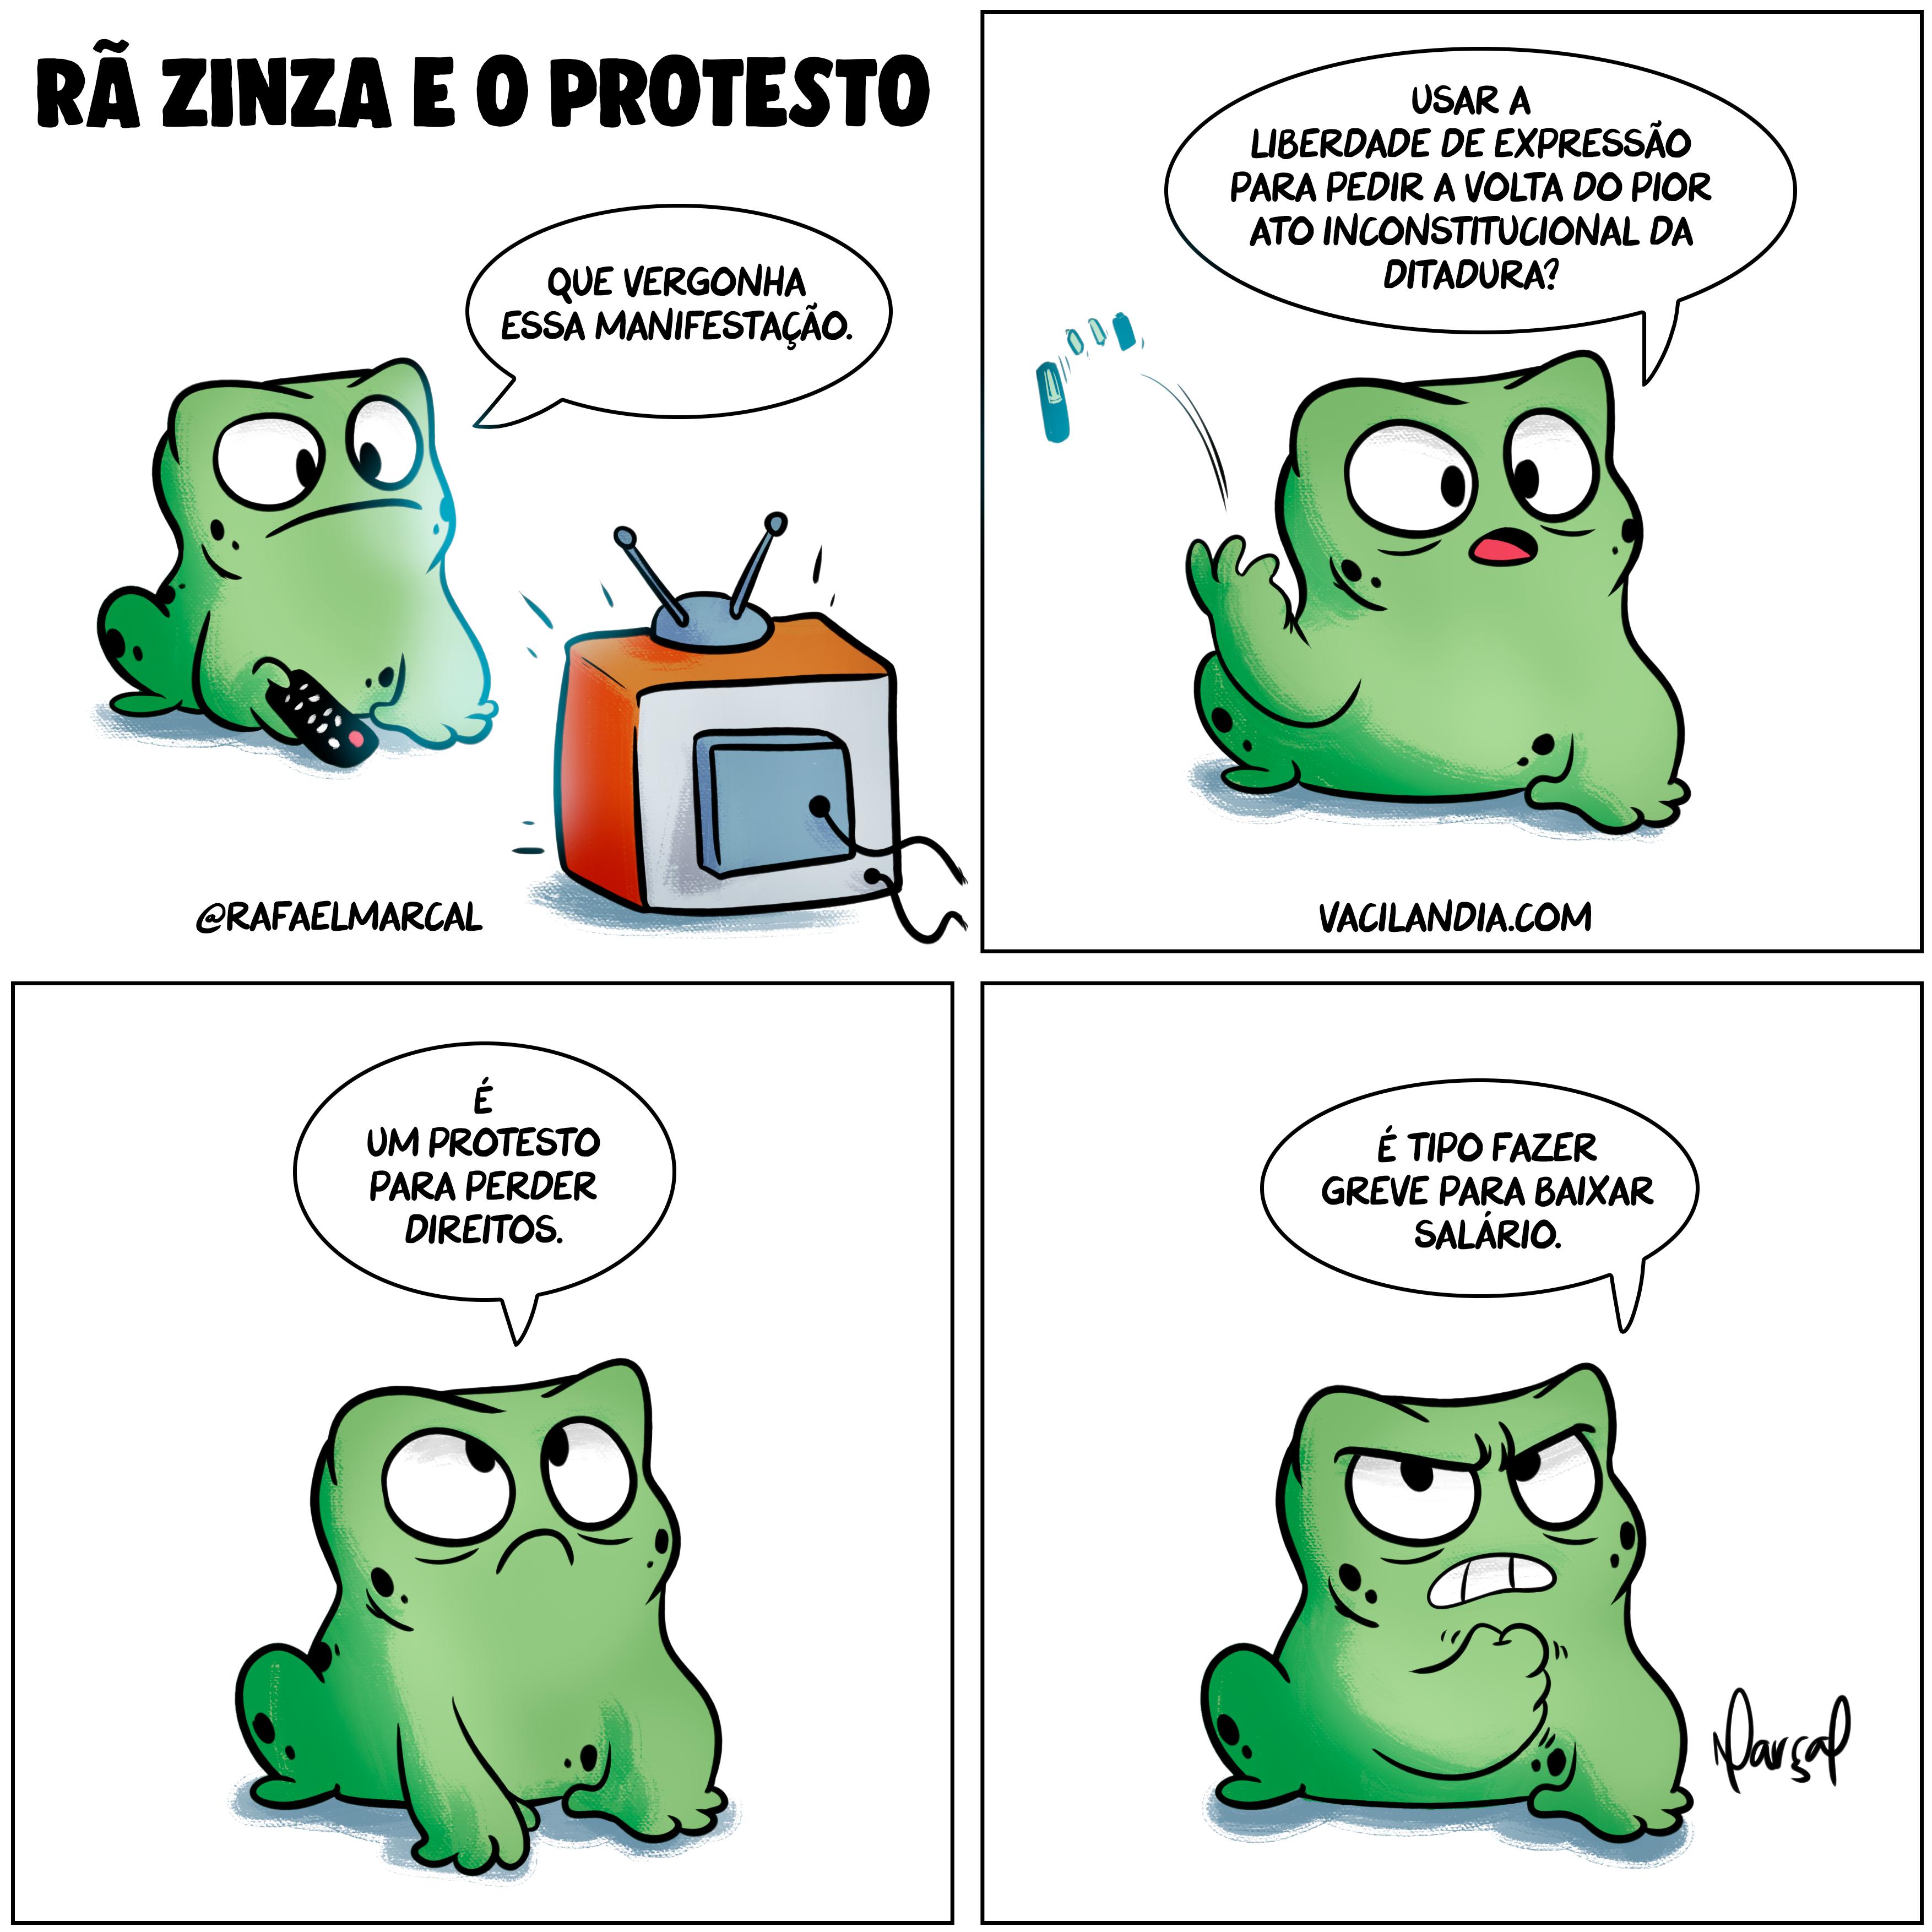 Rã Zinza e o Protesto | zinza, webcomic, tirinha, rã zinza, protesto, liberdade de expressão, humor, Greve, ditadura, comédia, ai-5